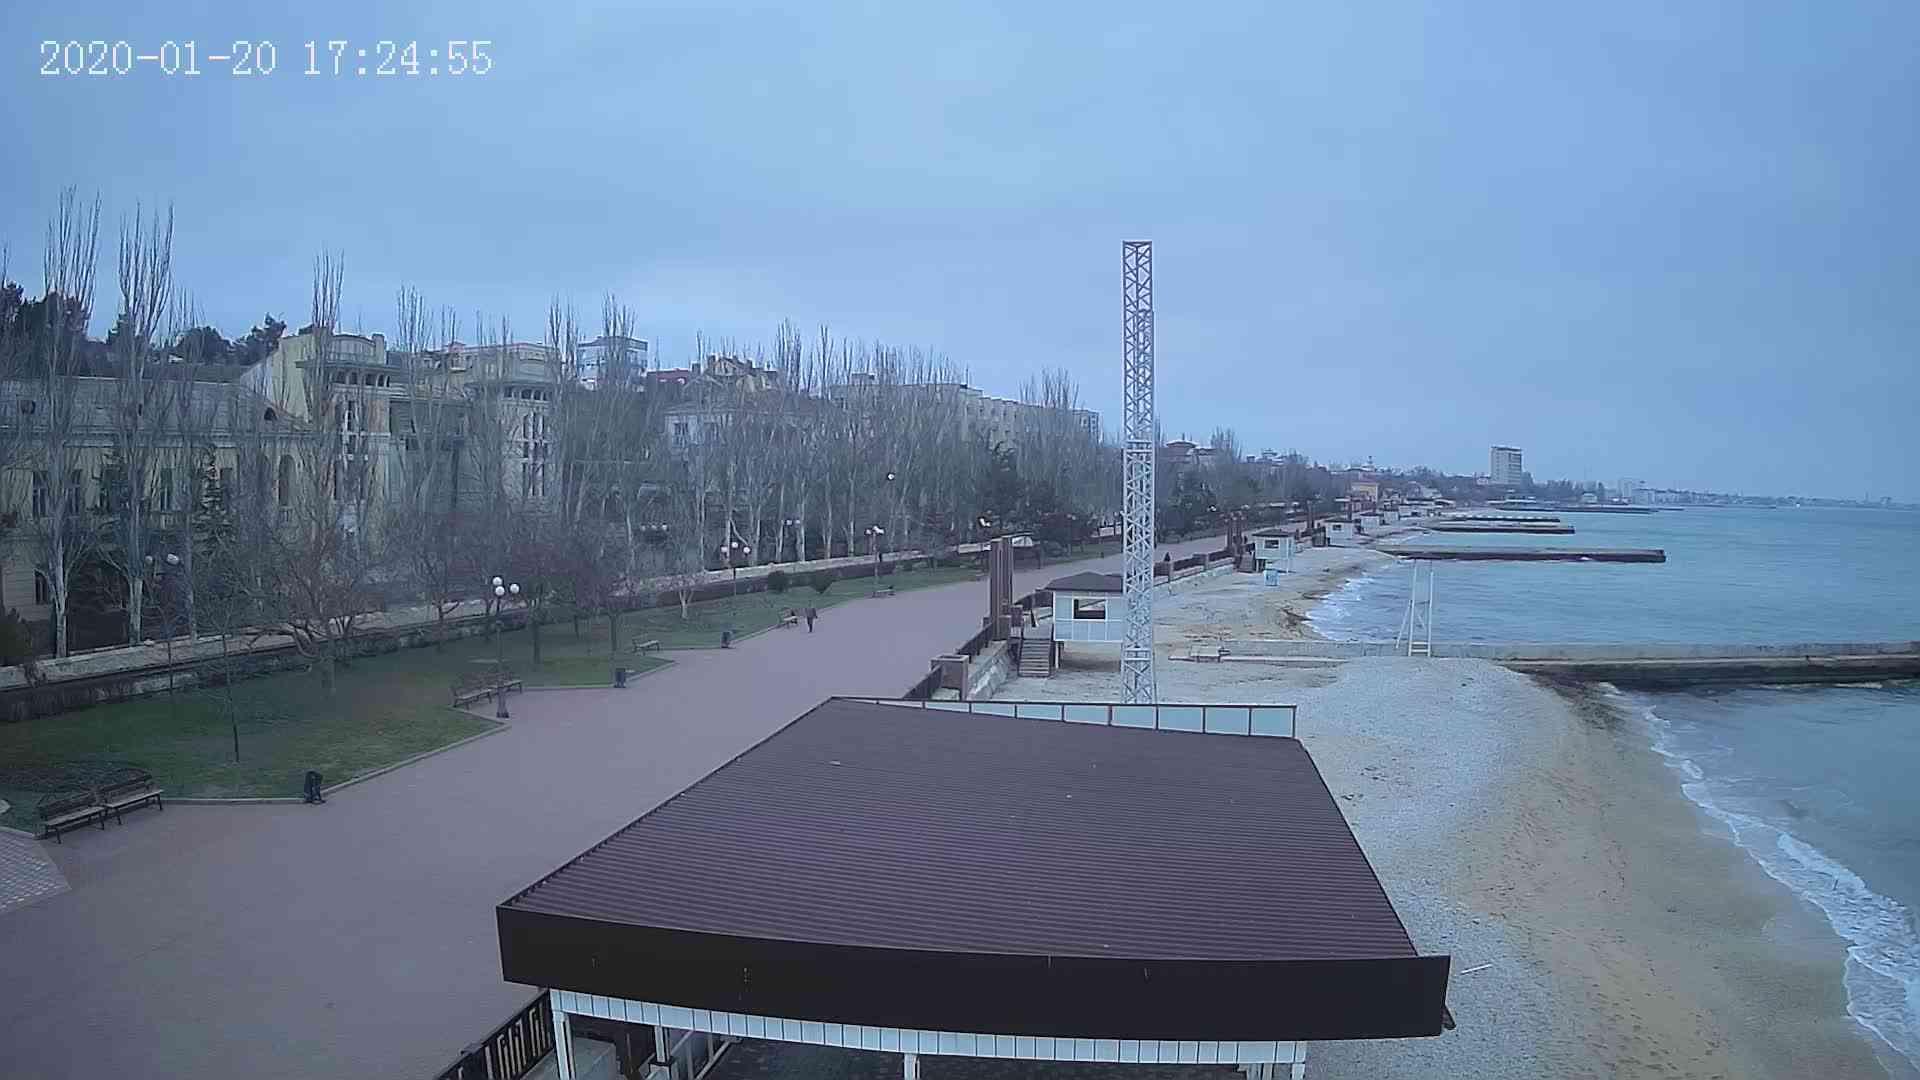 Веб-камеры Феодосии, Пляж Камешки, 2020-01-20 17:25:20